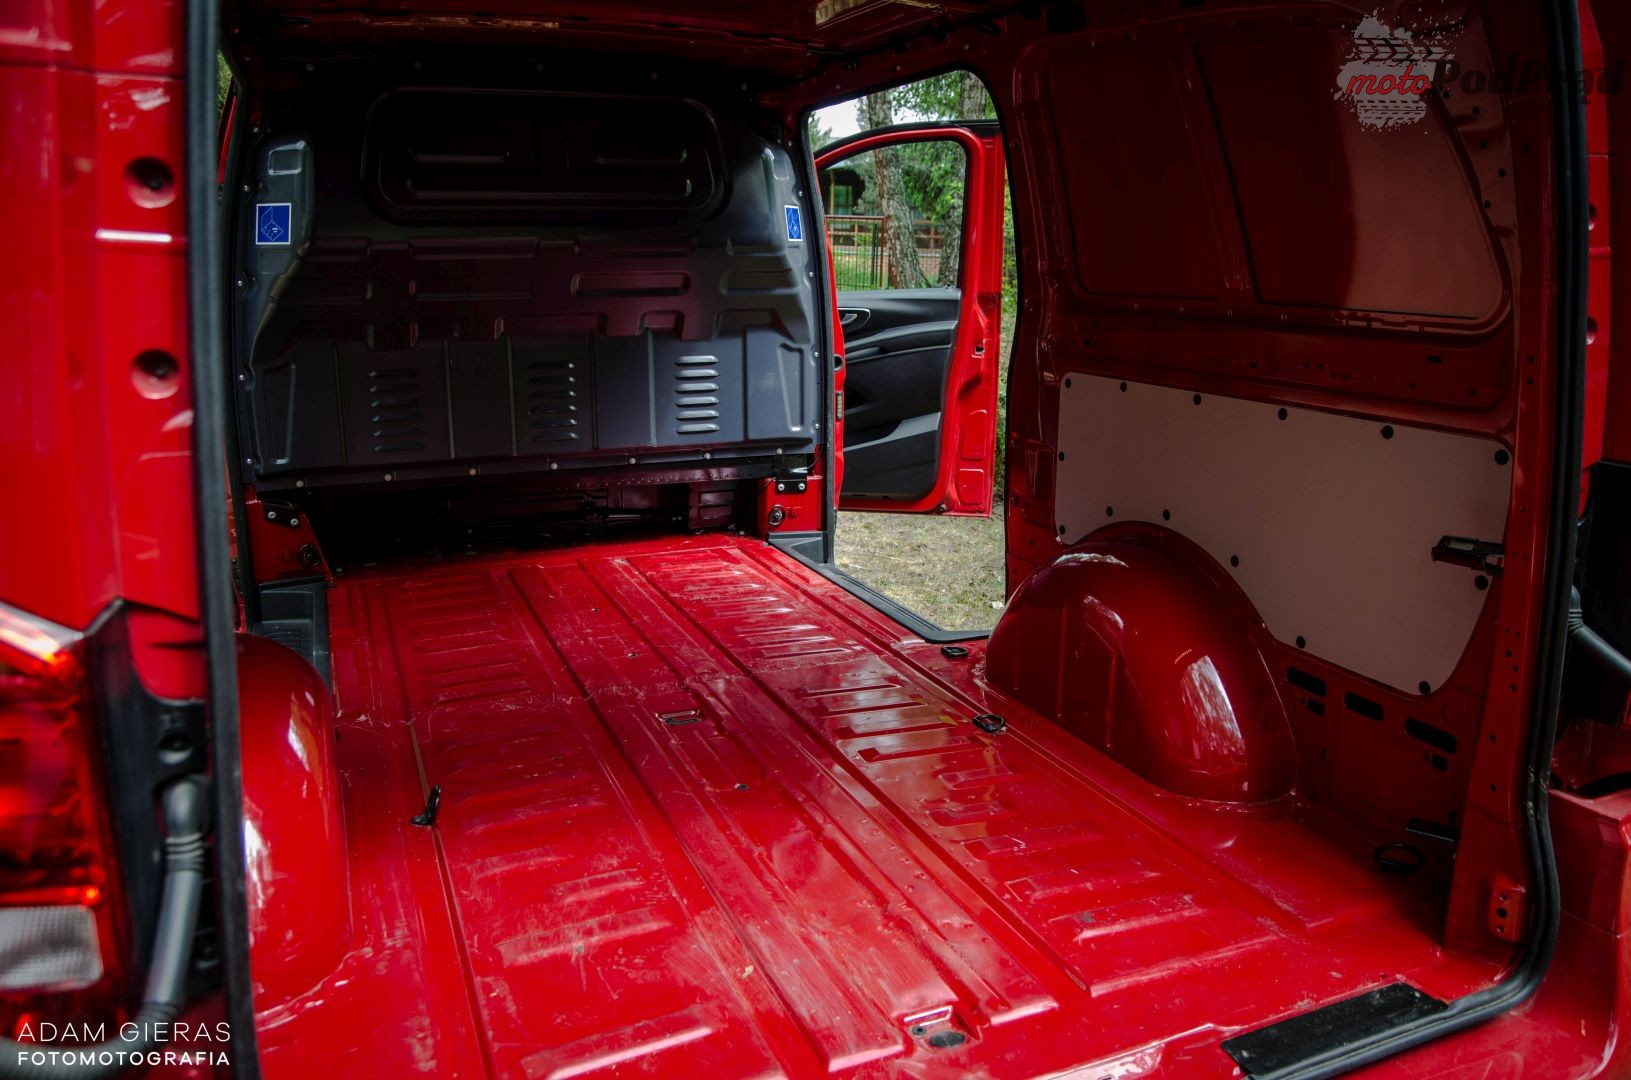 vito 1 Test: Mercedes Vito furgon 111 CDI 4×2 –  w czerwieni mu do twarzy